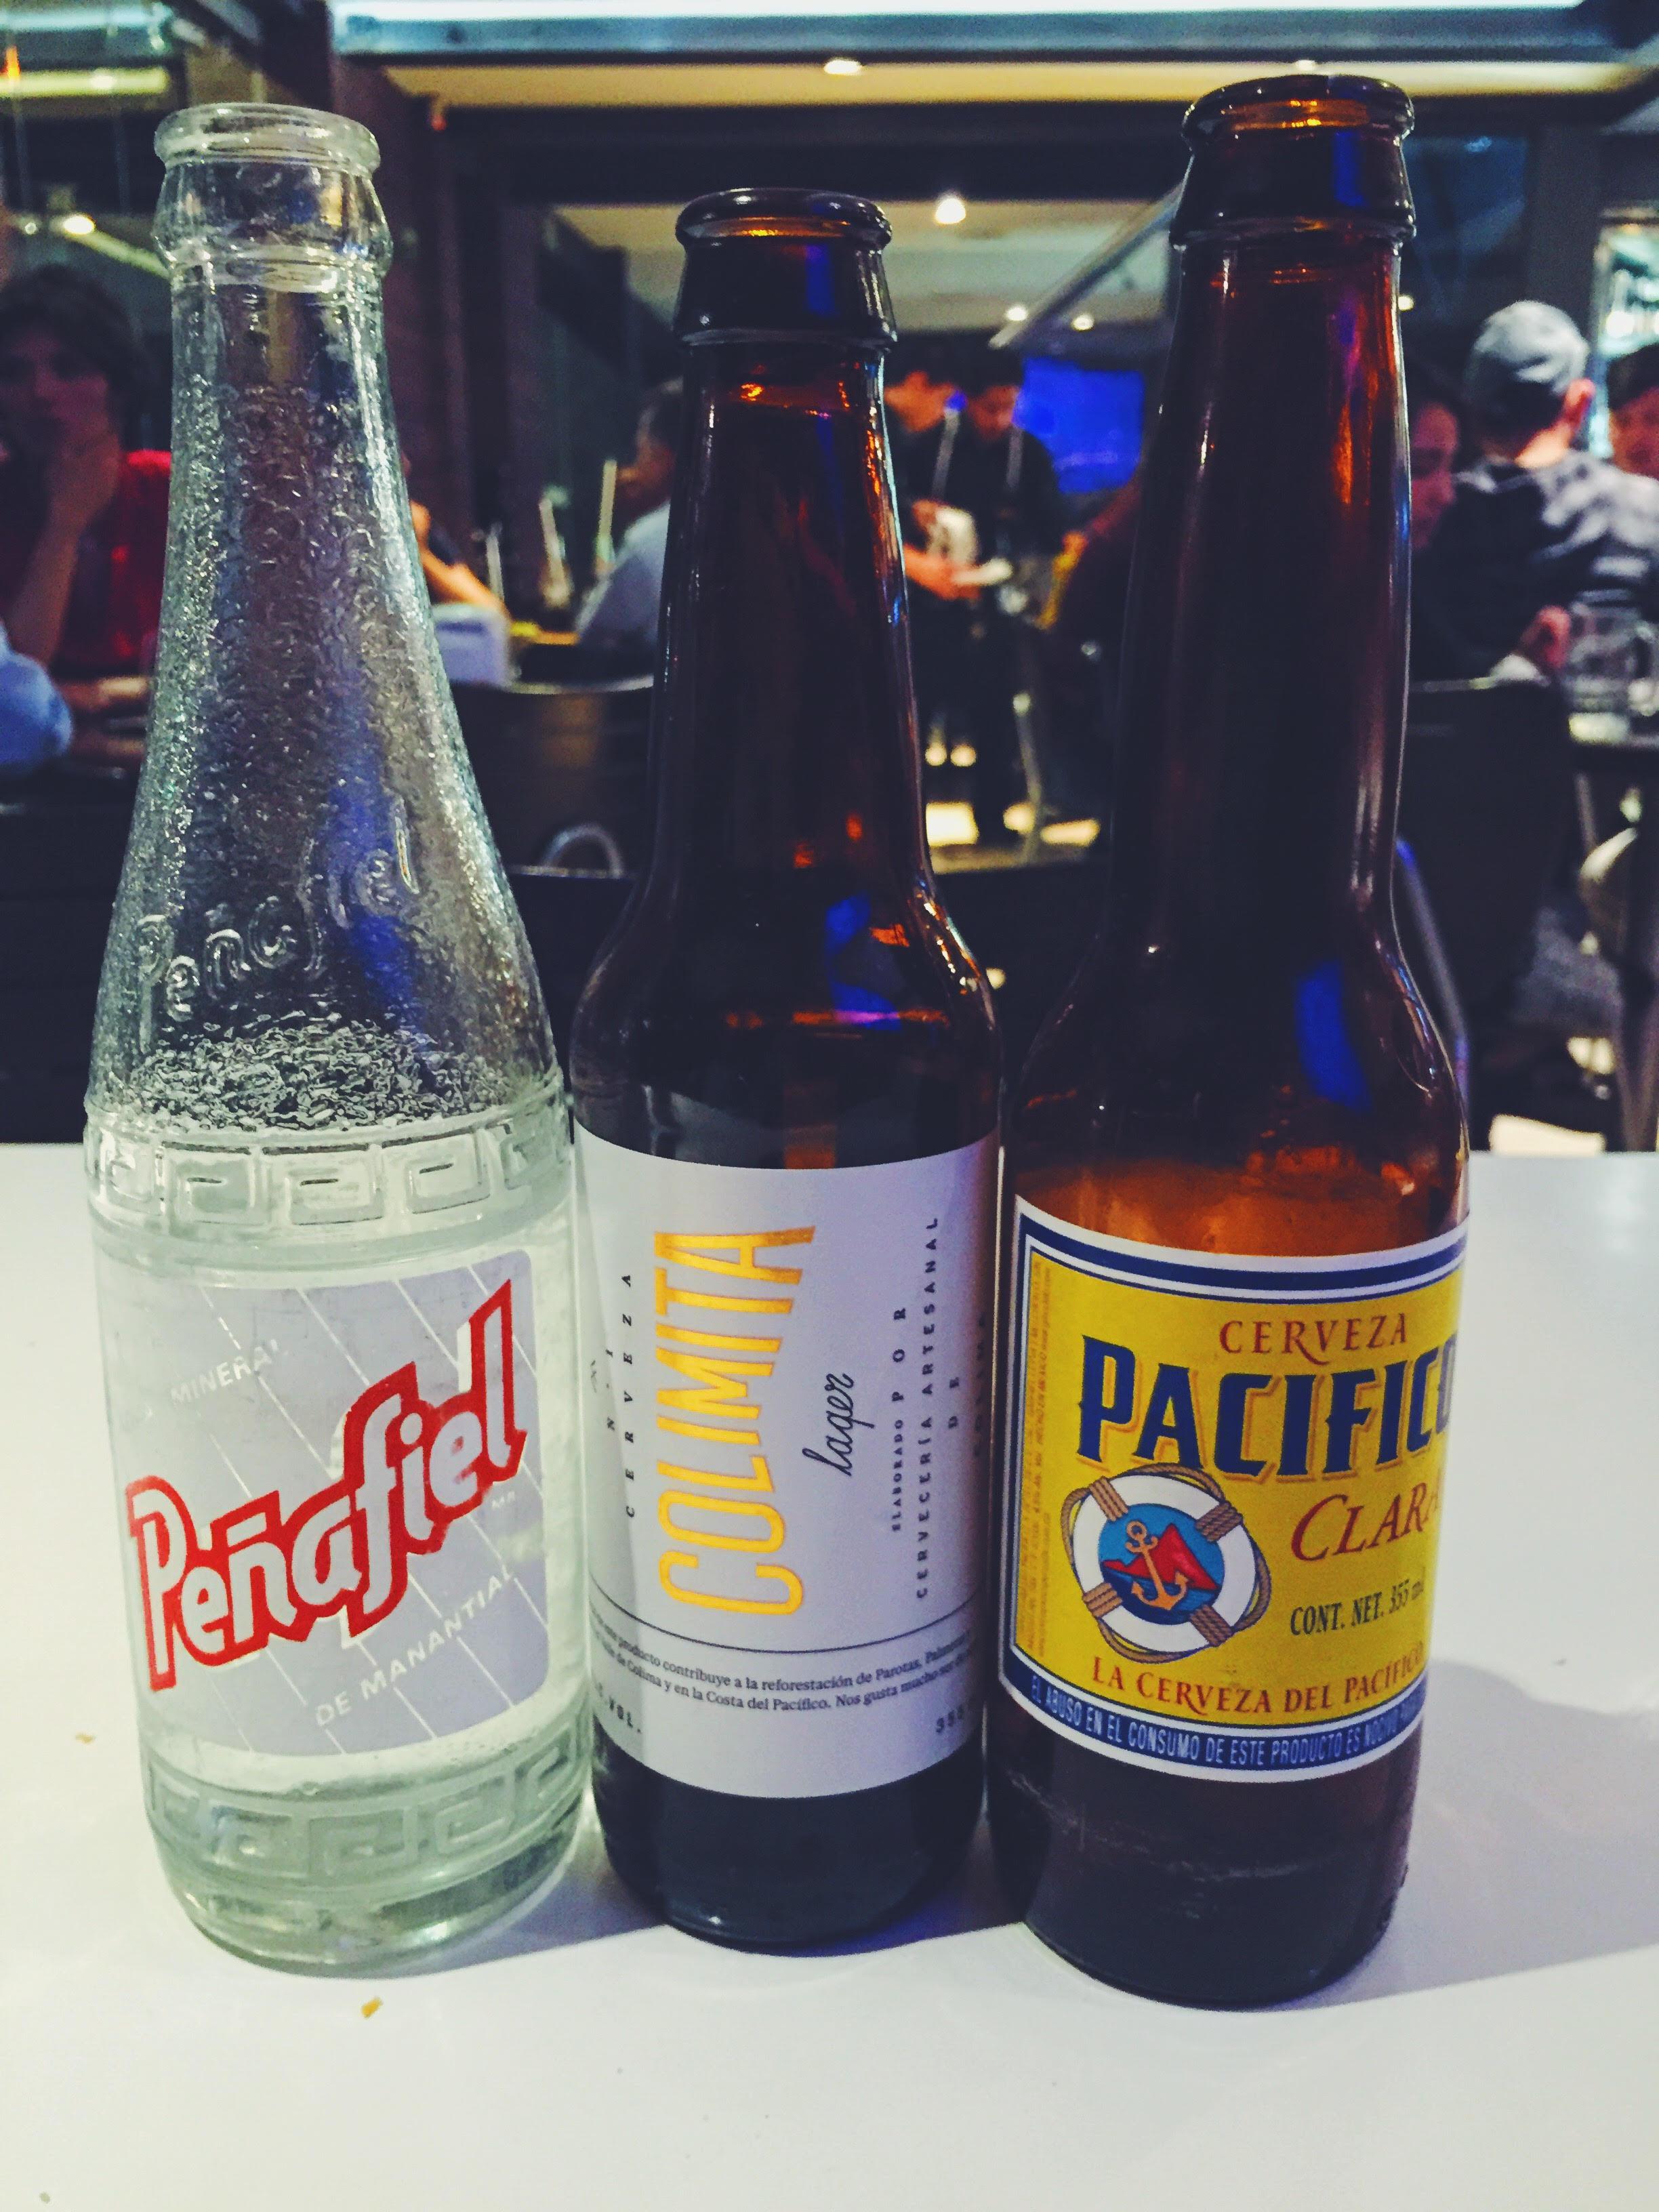 Beverages on beverages at El Califa